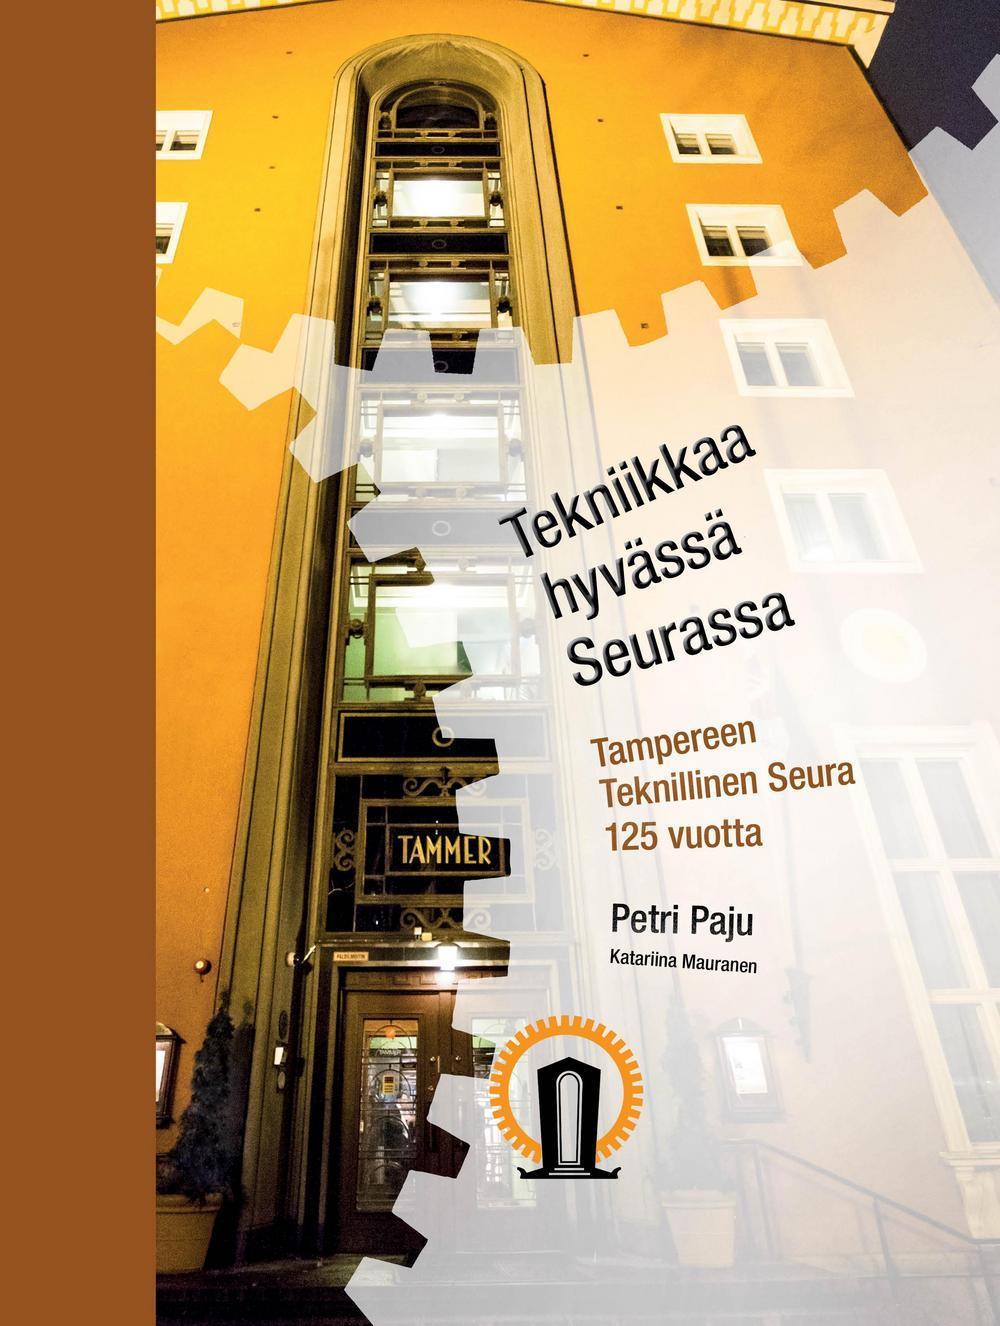 Kuva Tekniikka hyvässä Seurassa kirjasta.